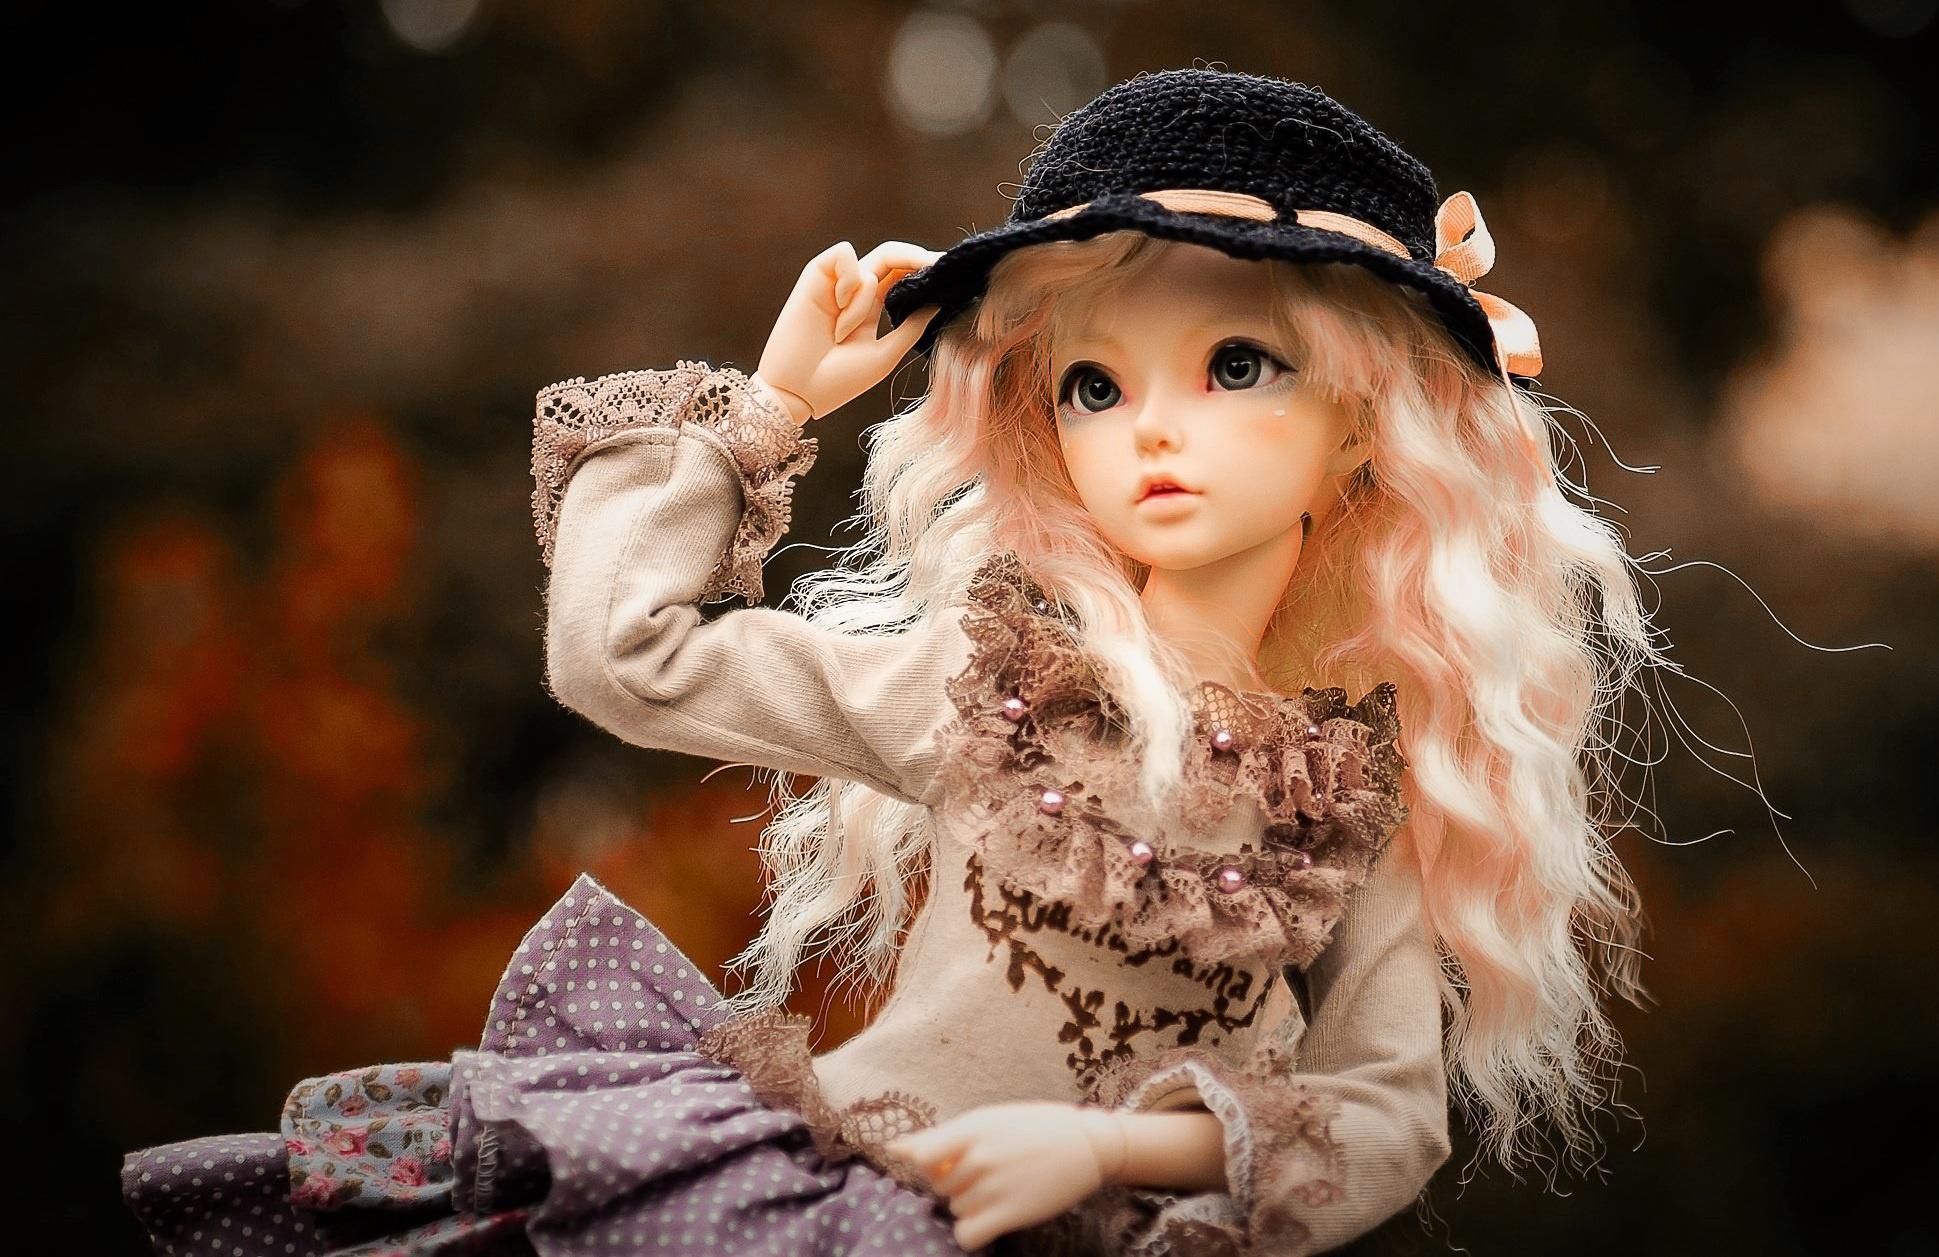 Фото картинки куколд